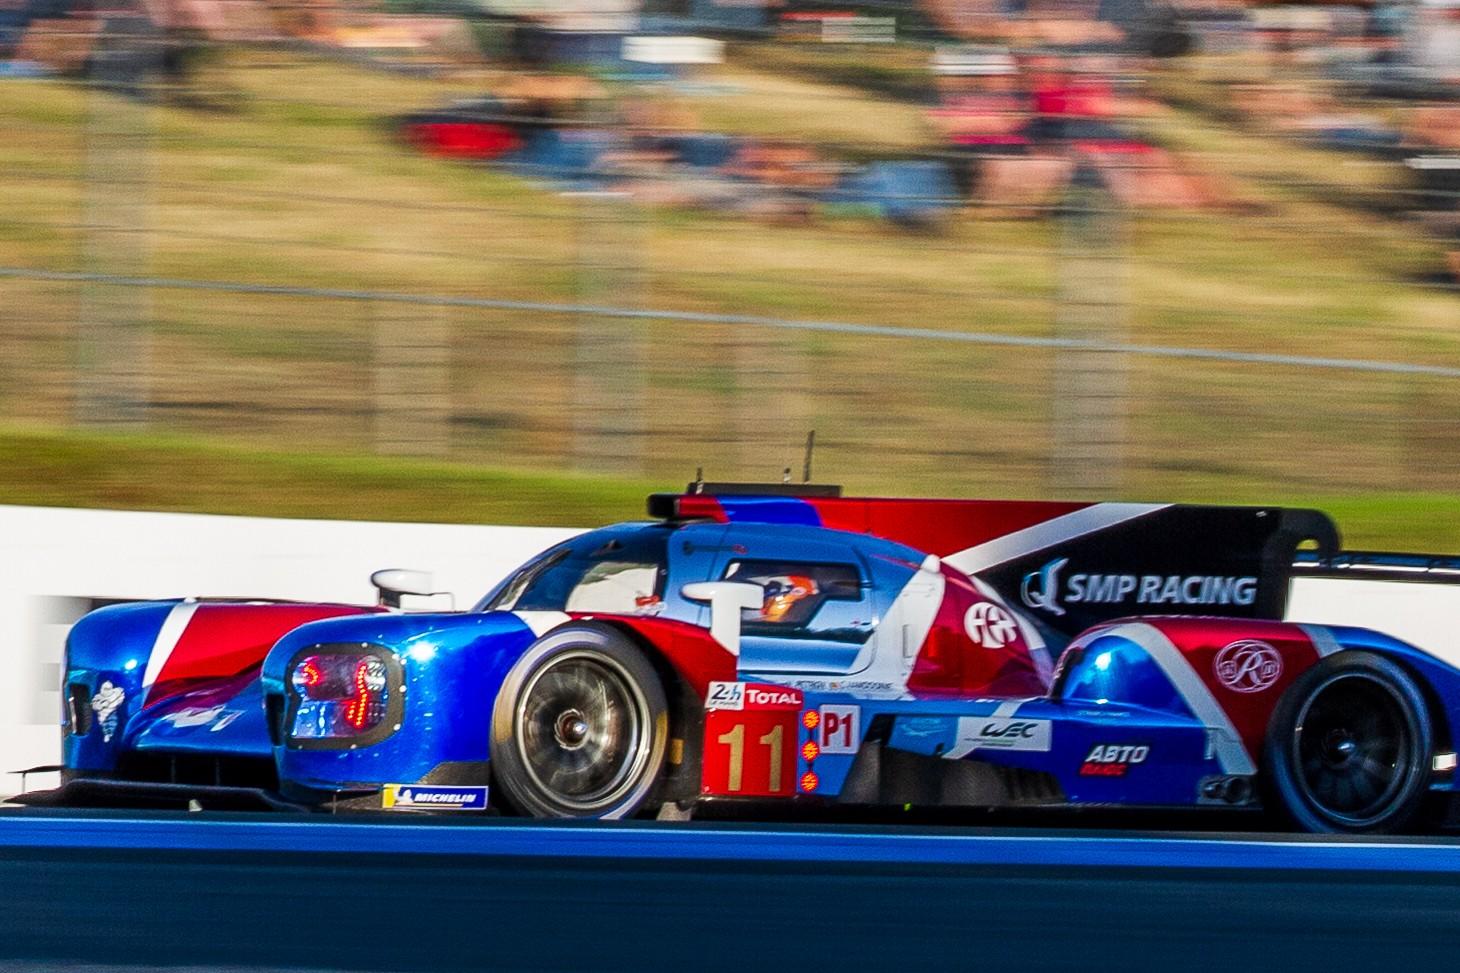 SMP Racing aux 24 Heures du Mans 2019